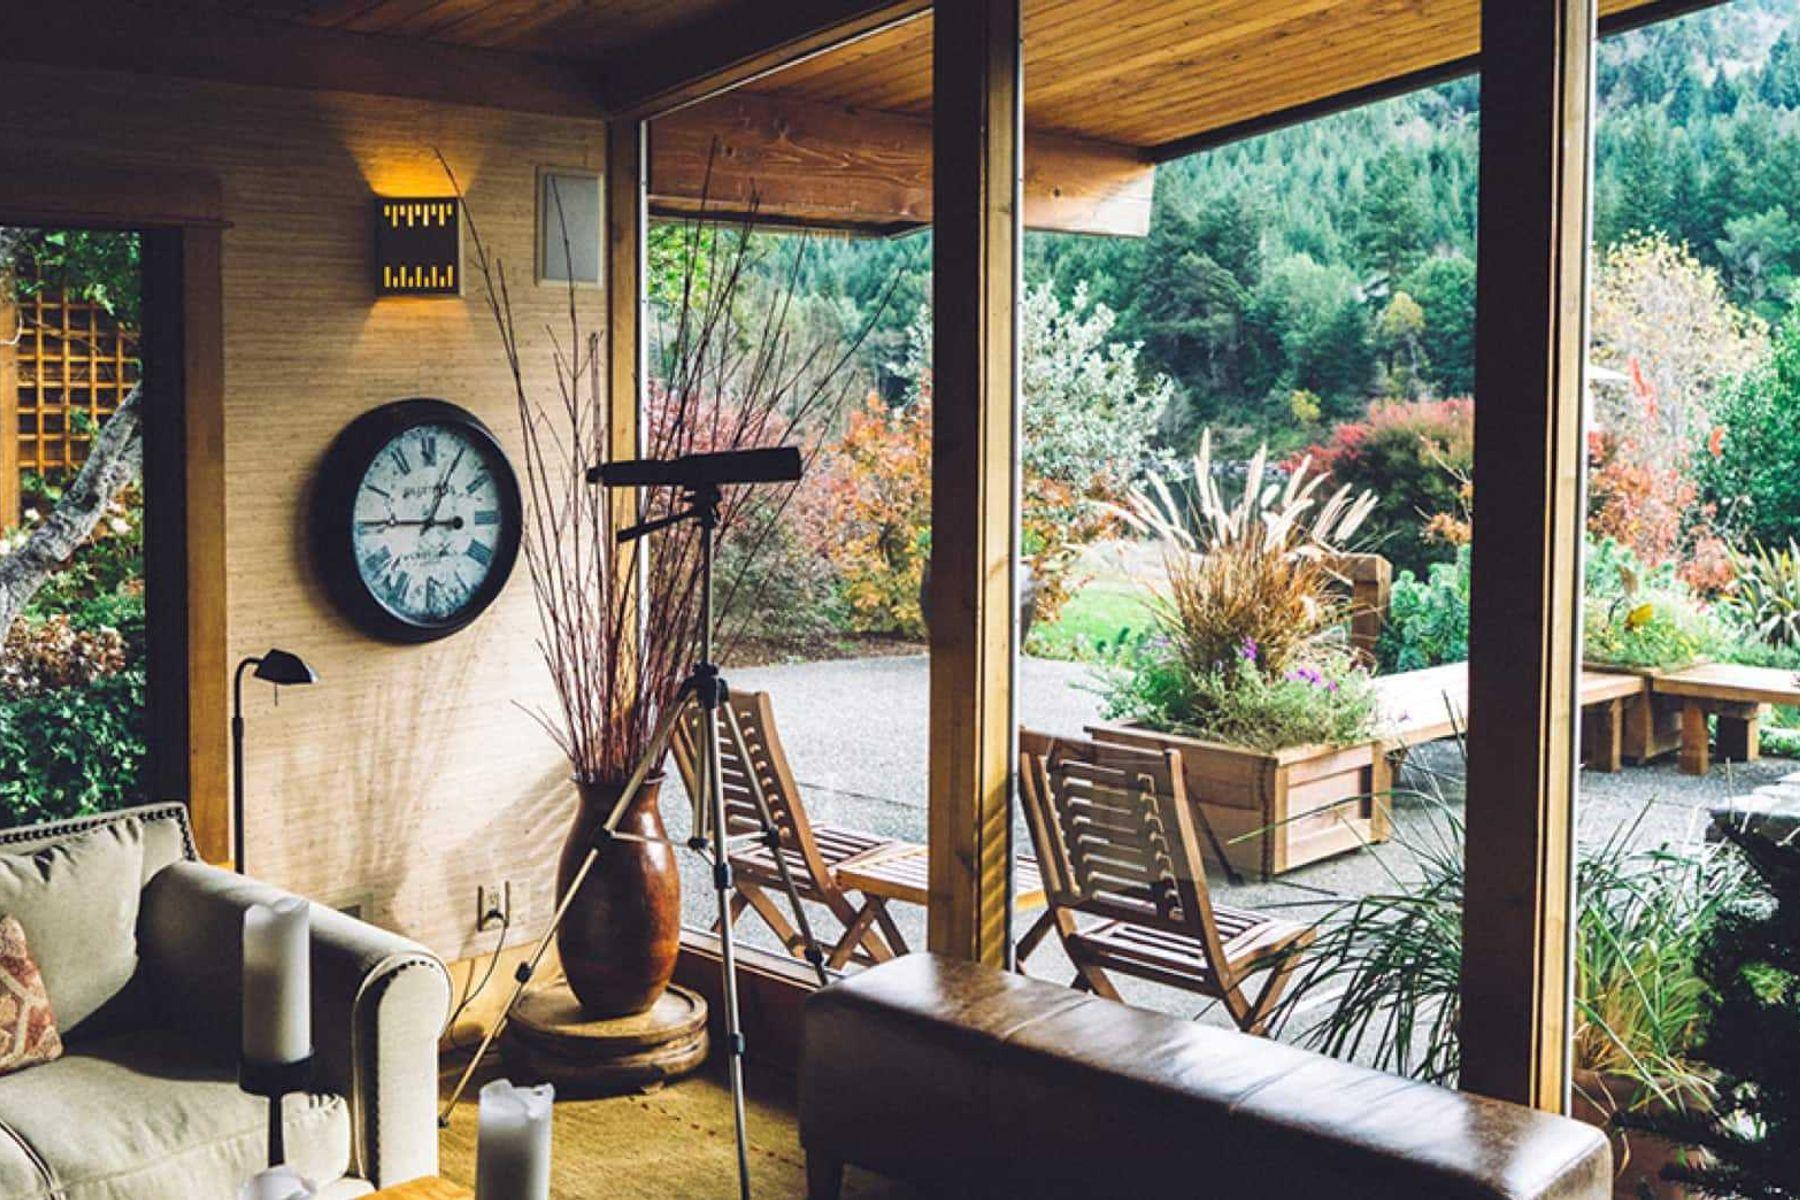 como-montar-um-jardim-confira-25-ideias-simples